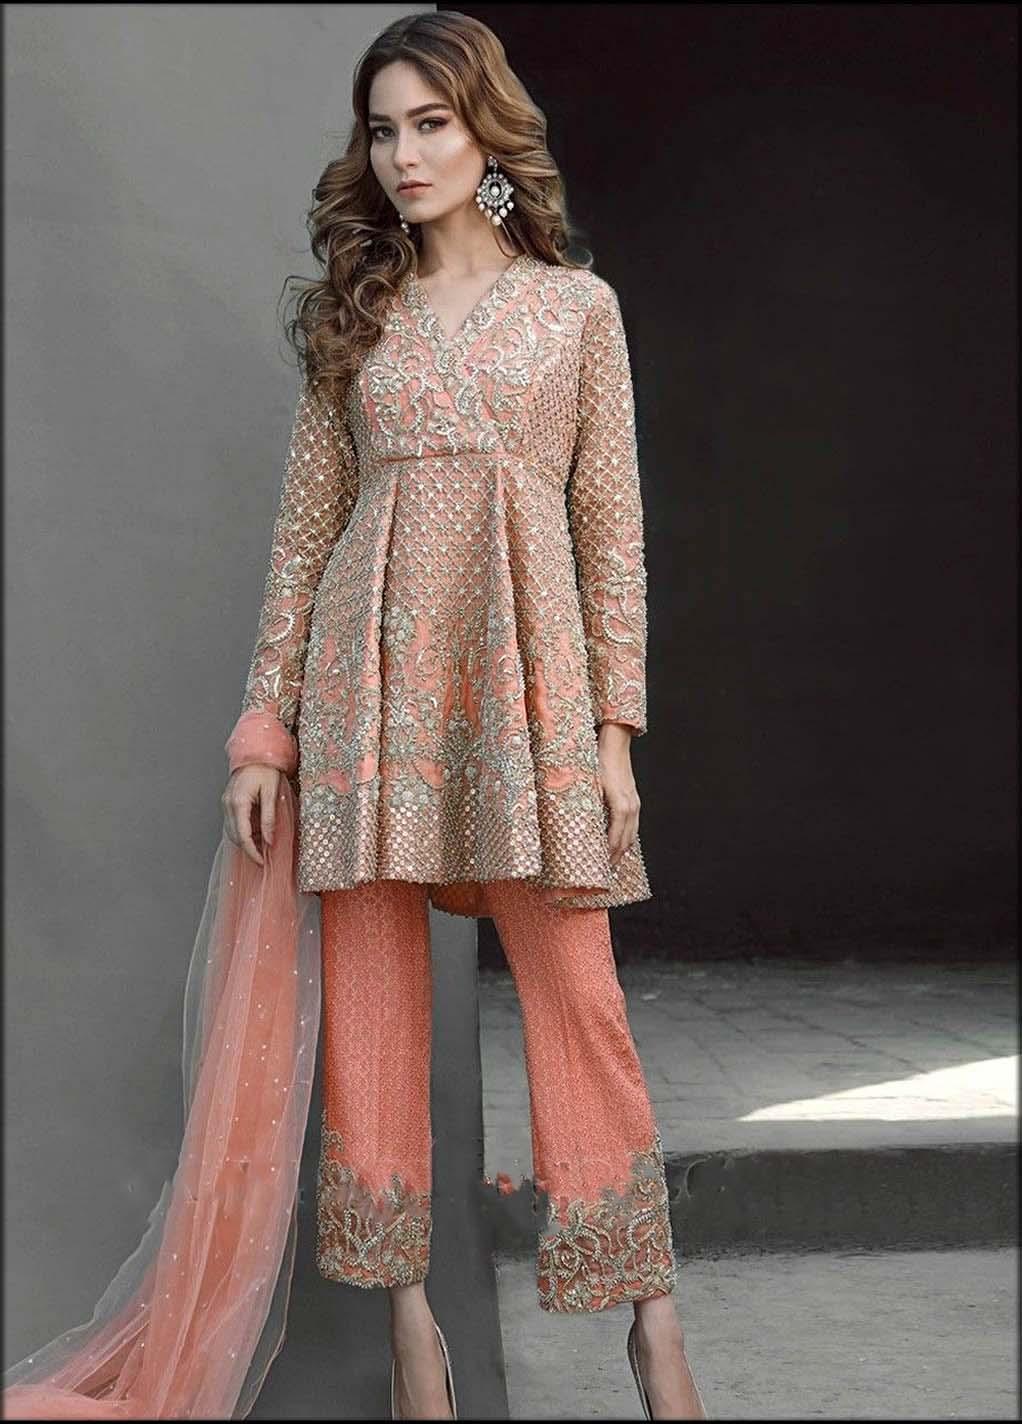 Short Length Decent Dress For Women